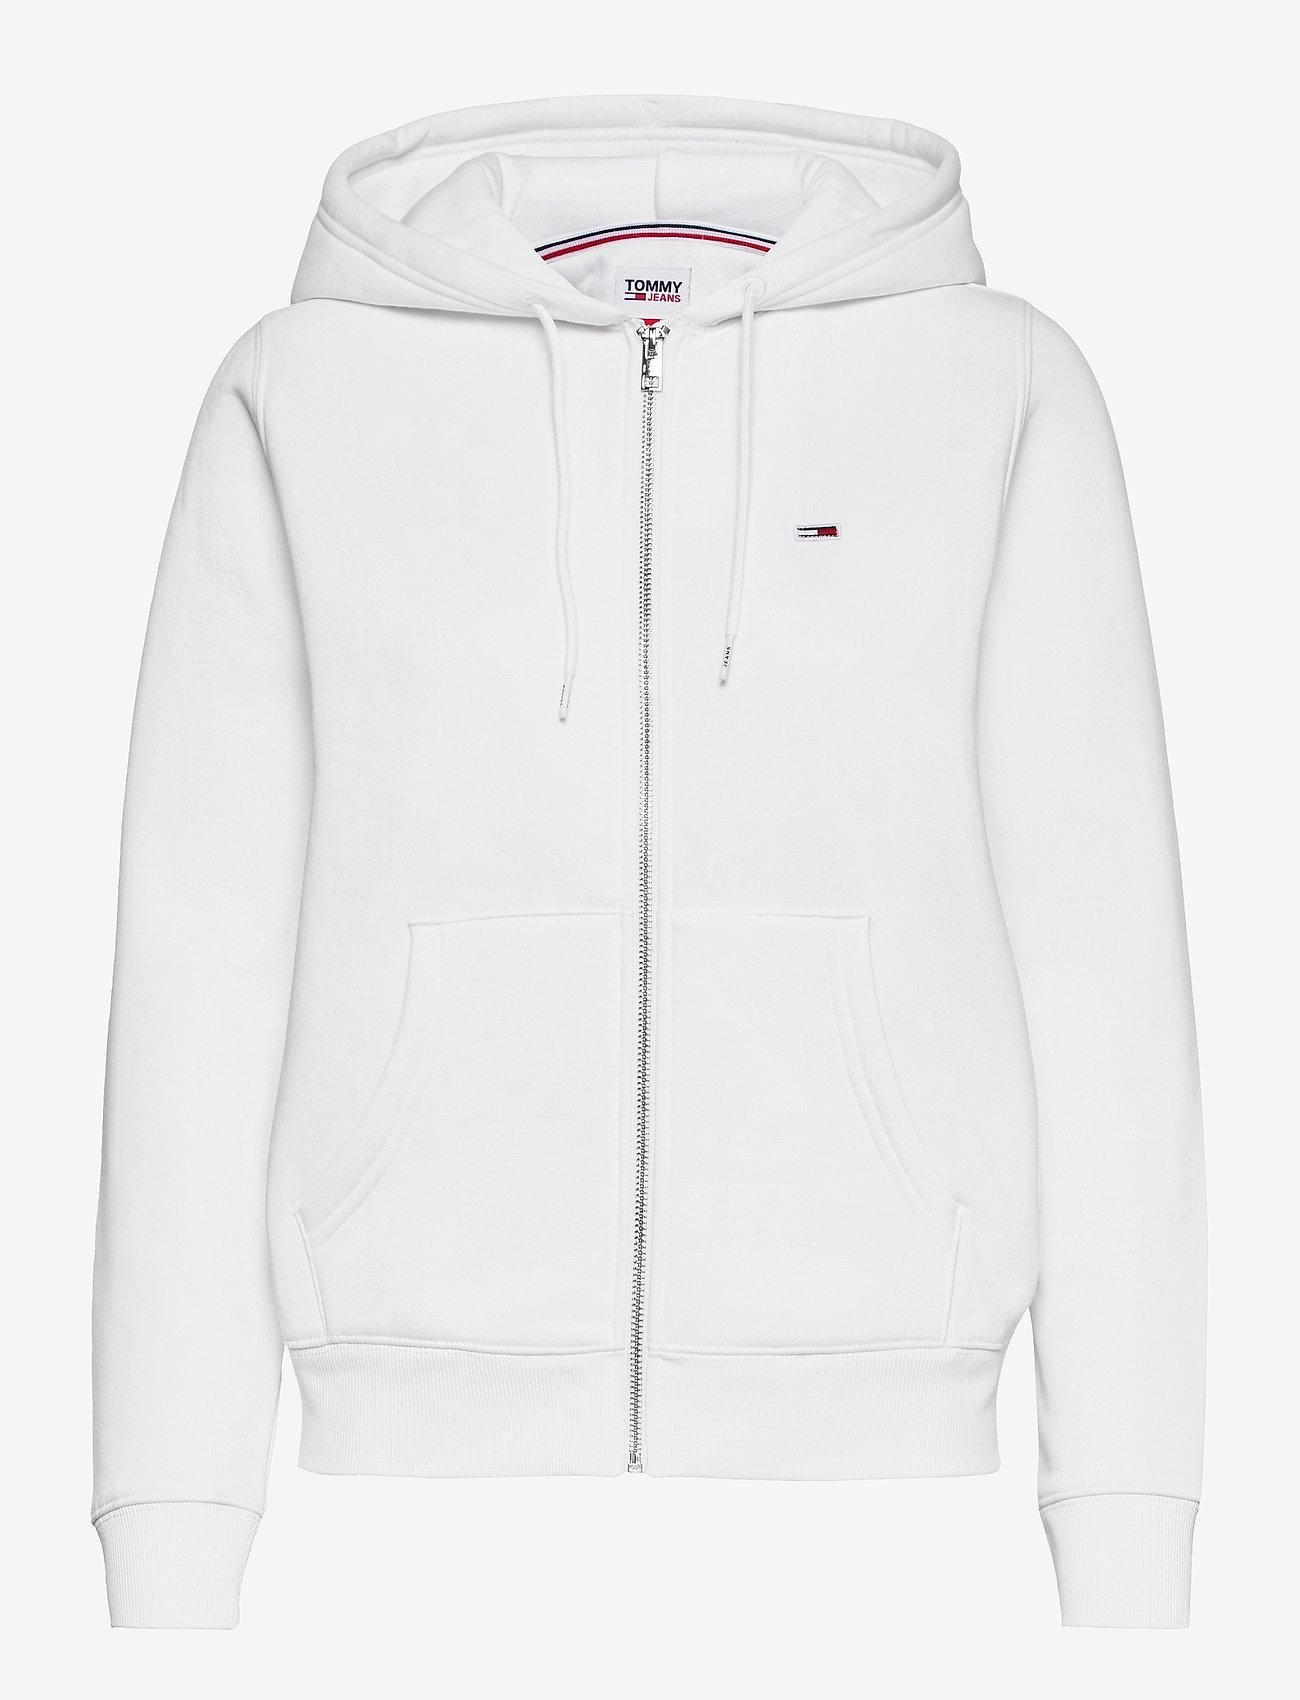 Tommy Jeans - TJW REGULAR HOODIE ZIP THROUGH - sweatshirts & hoodies - white - 0